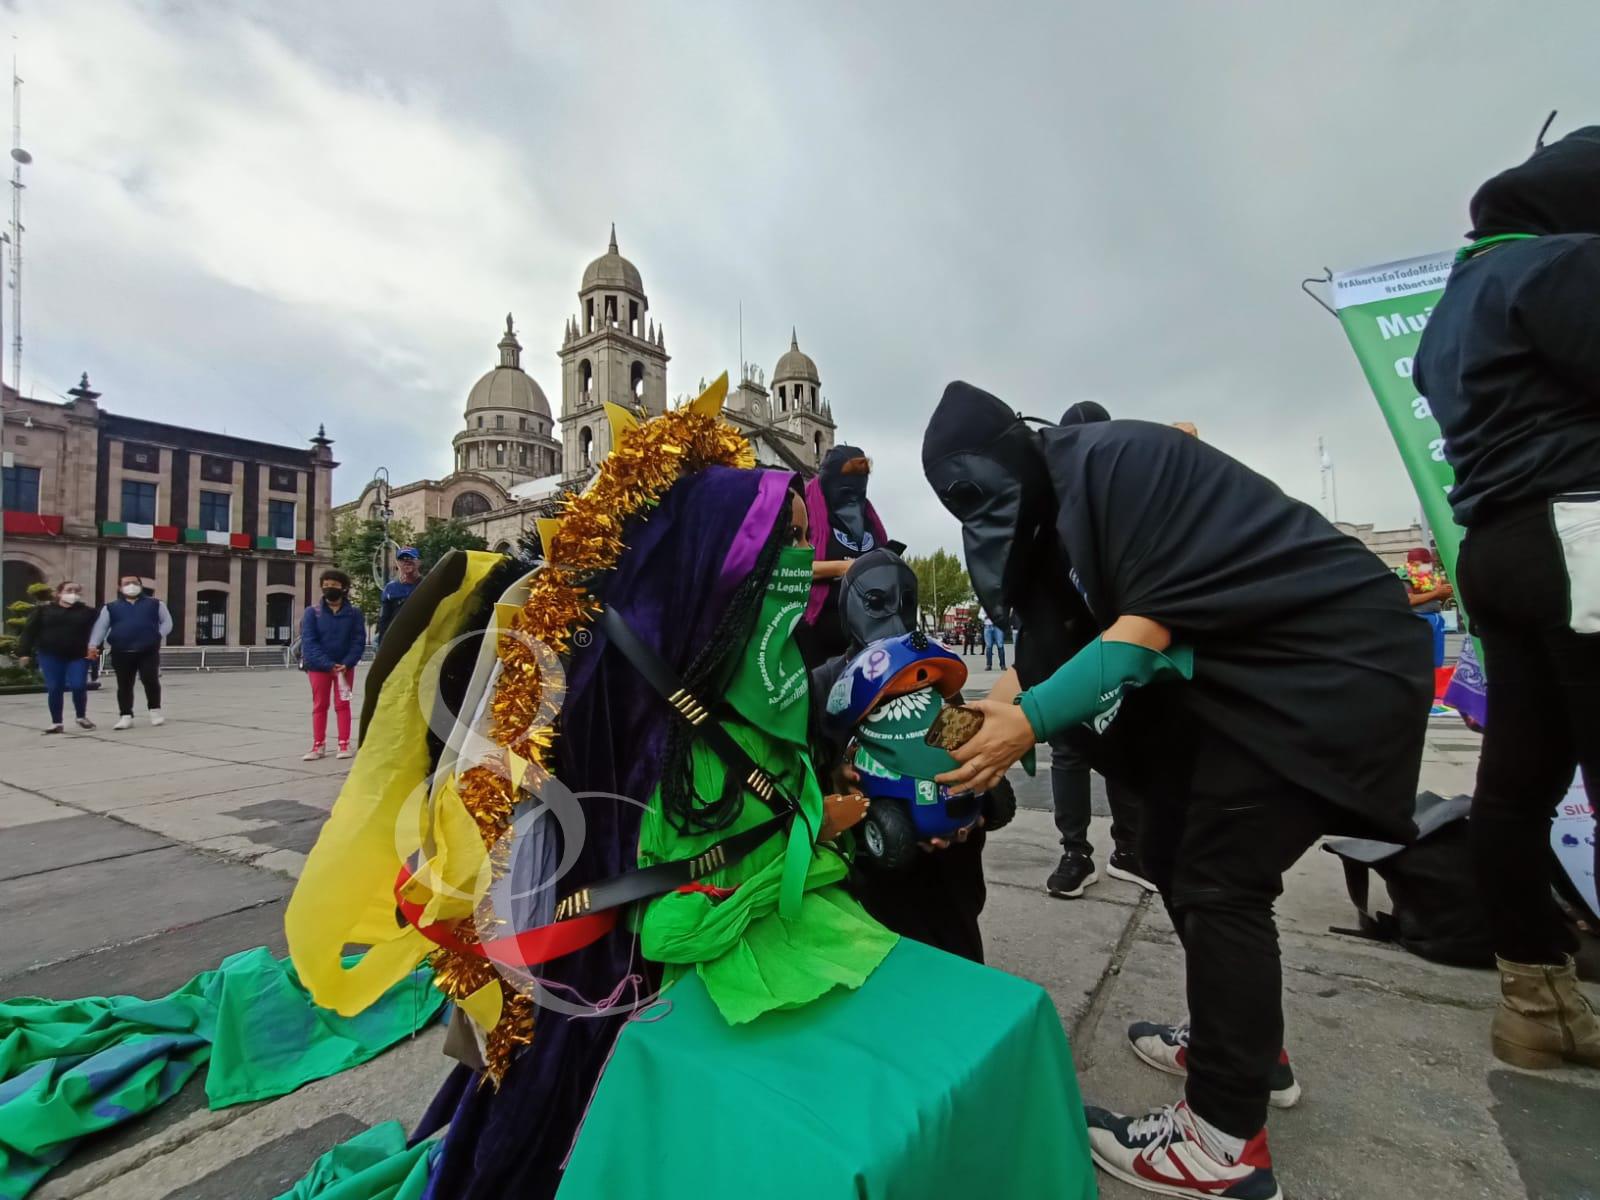 Aborto legal y seguro claman en Toluca - Sep 28, 2021